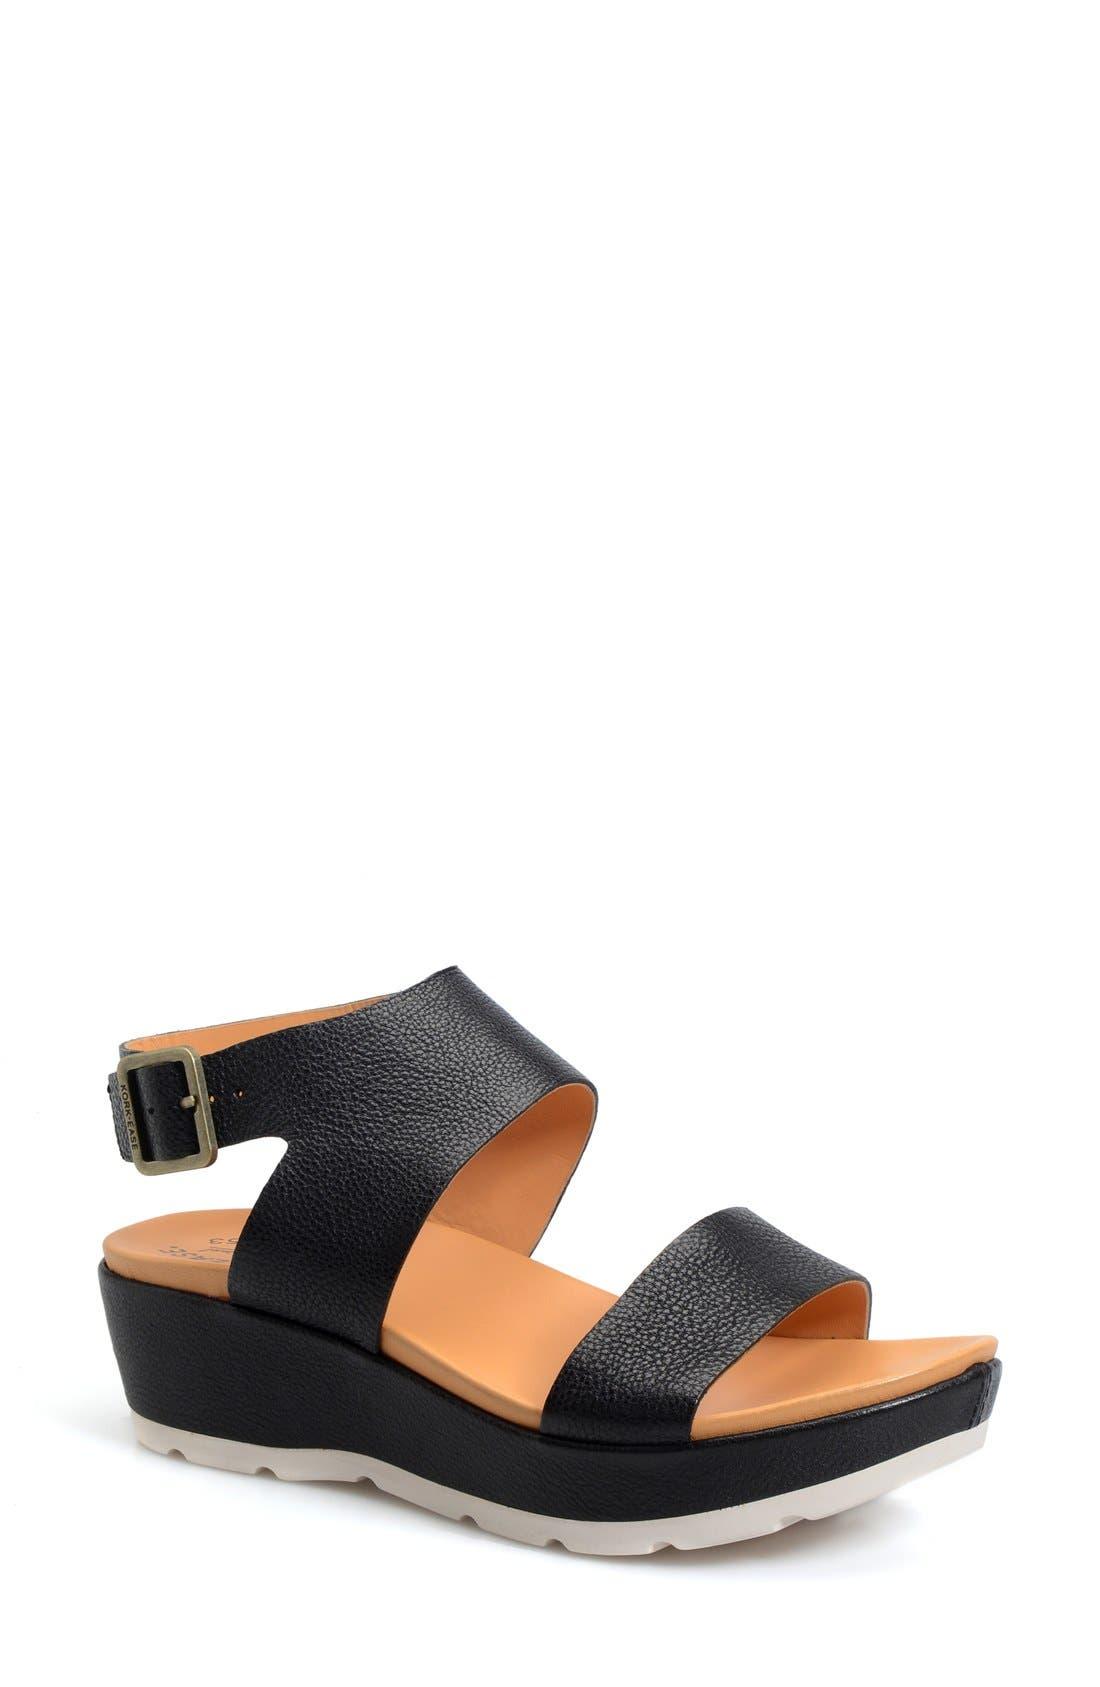 'Khloe' Platform Wedge Sandal,                         Main,                         color,